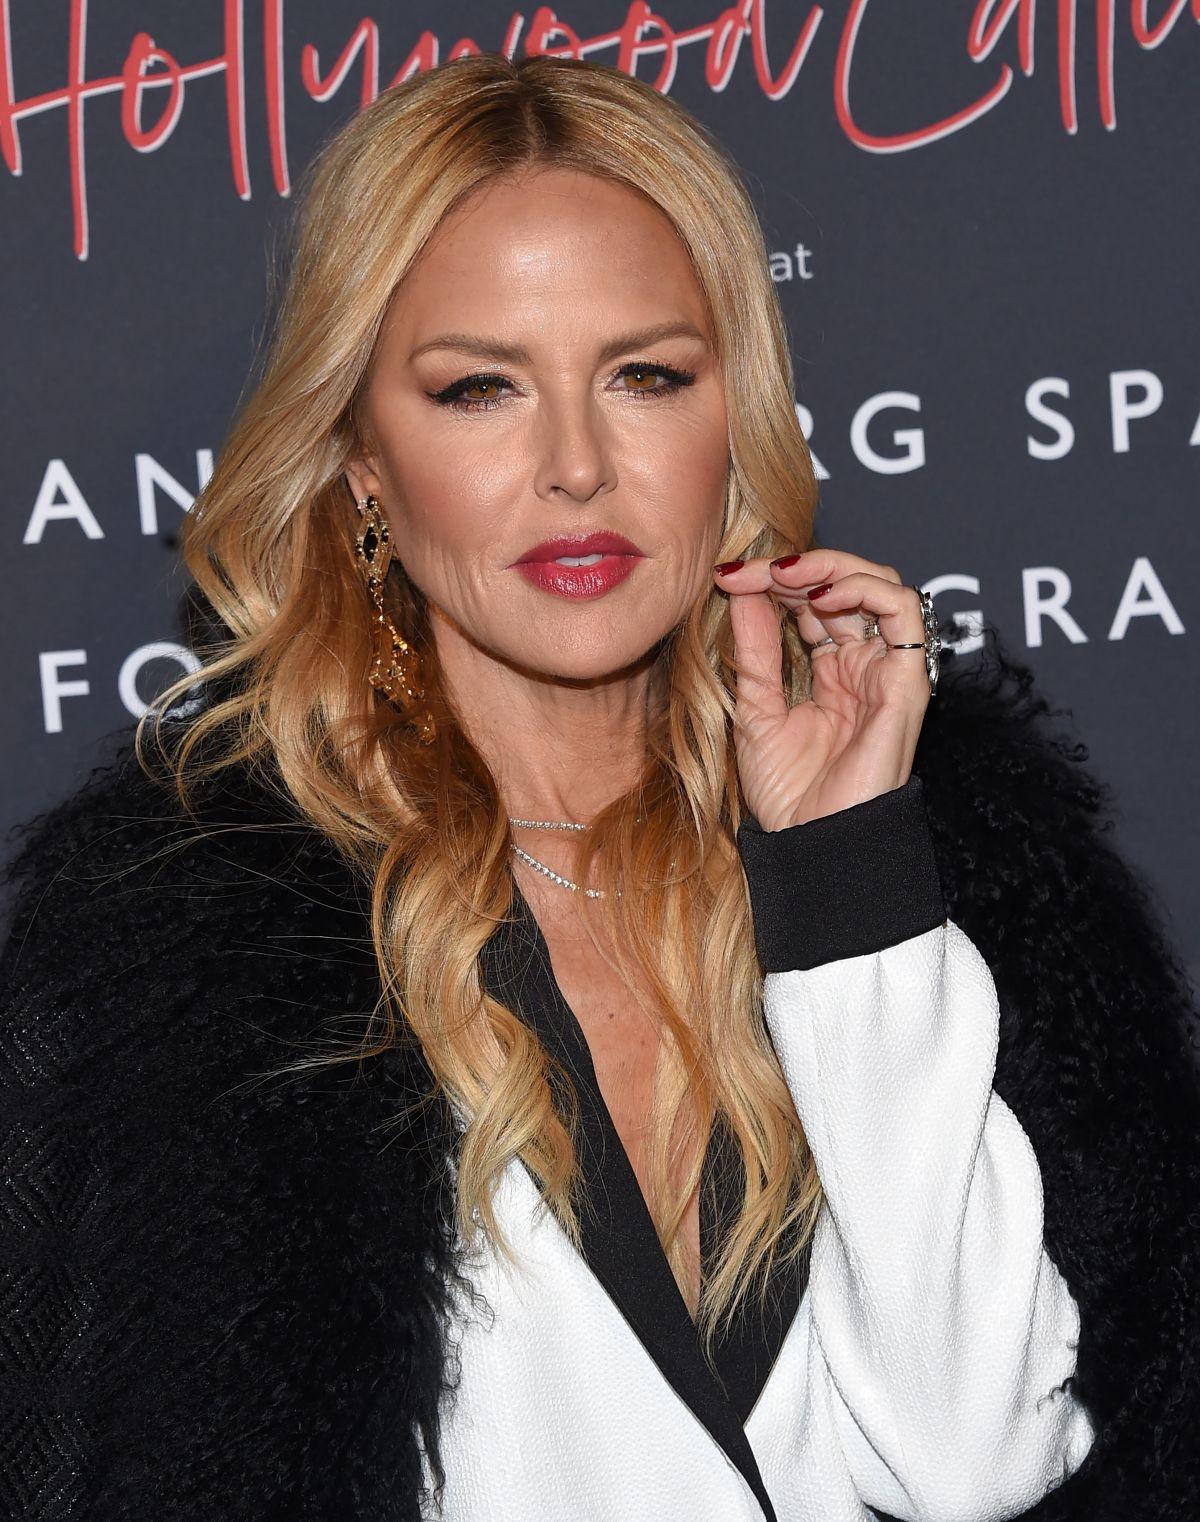 RACHEL ZOE at Vanity Fair: Hollywood Calling Opening in ...